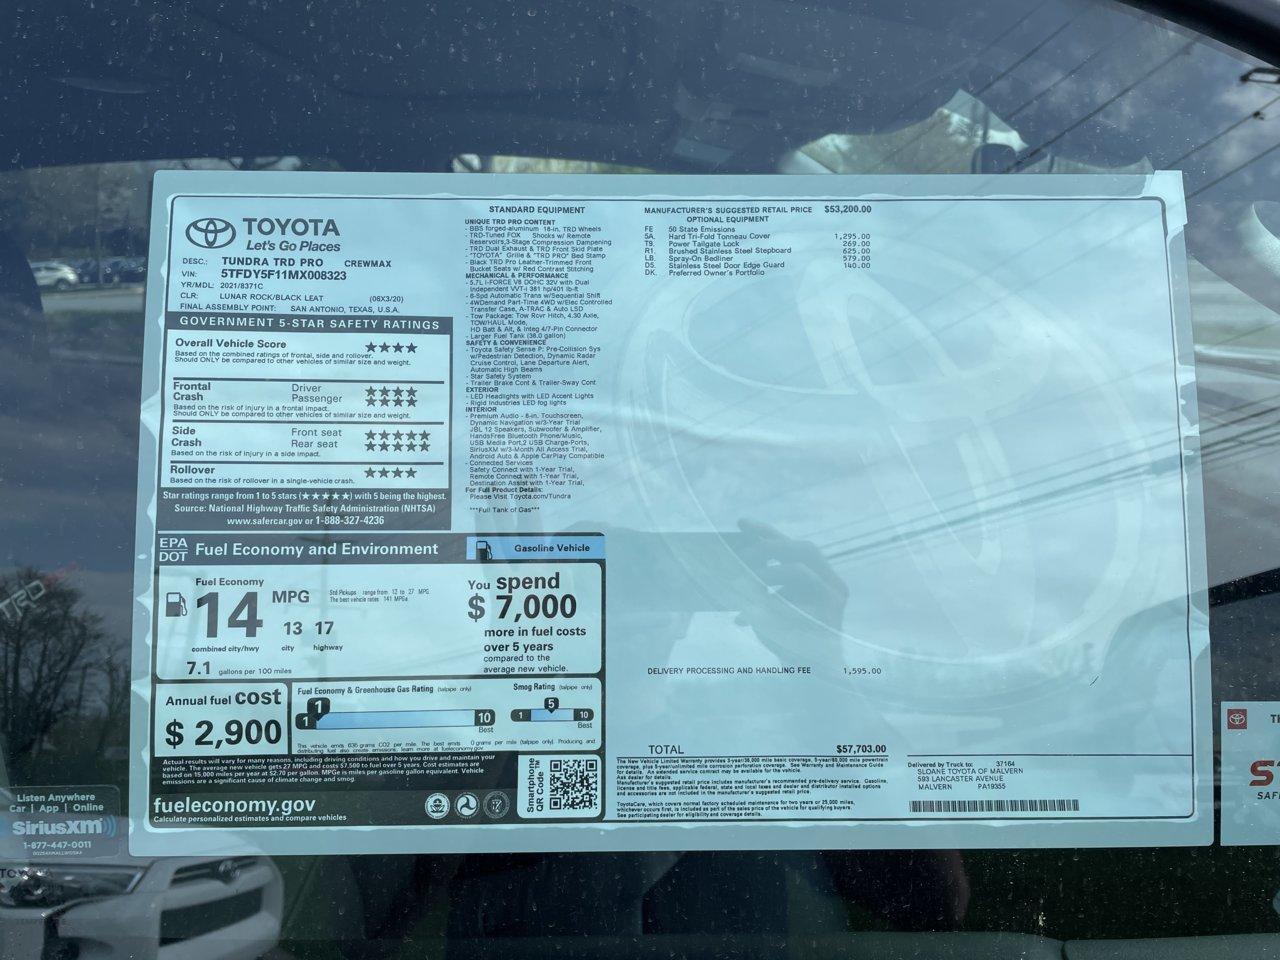 122B5B18-6959-412F-85BB-BACB7D2C4021.jpg